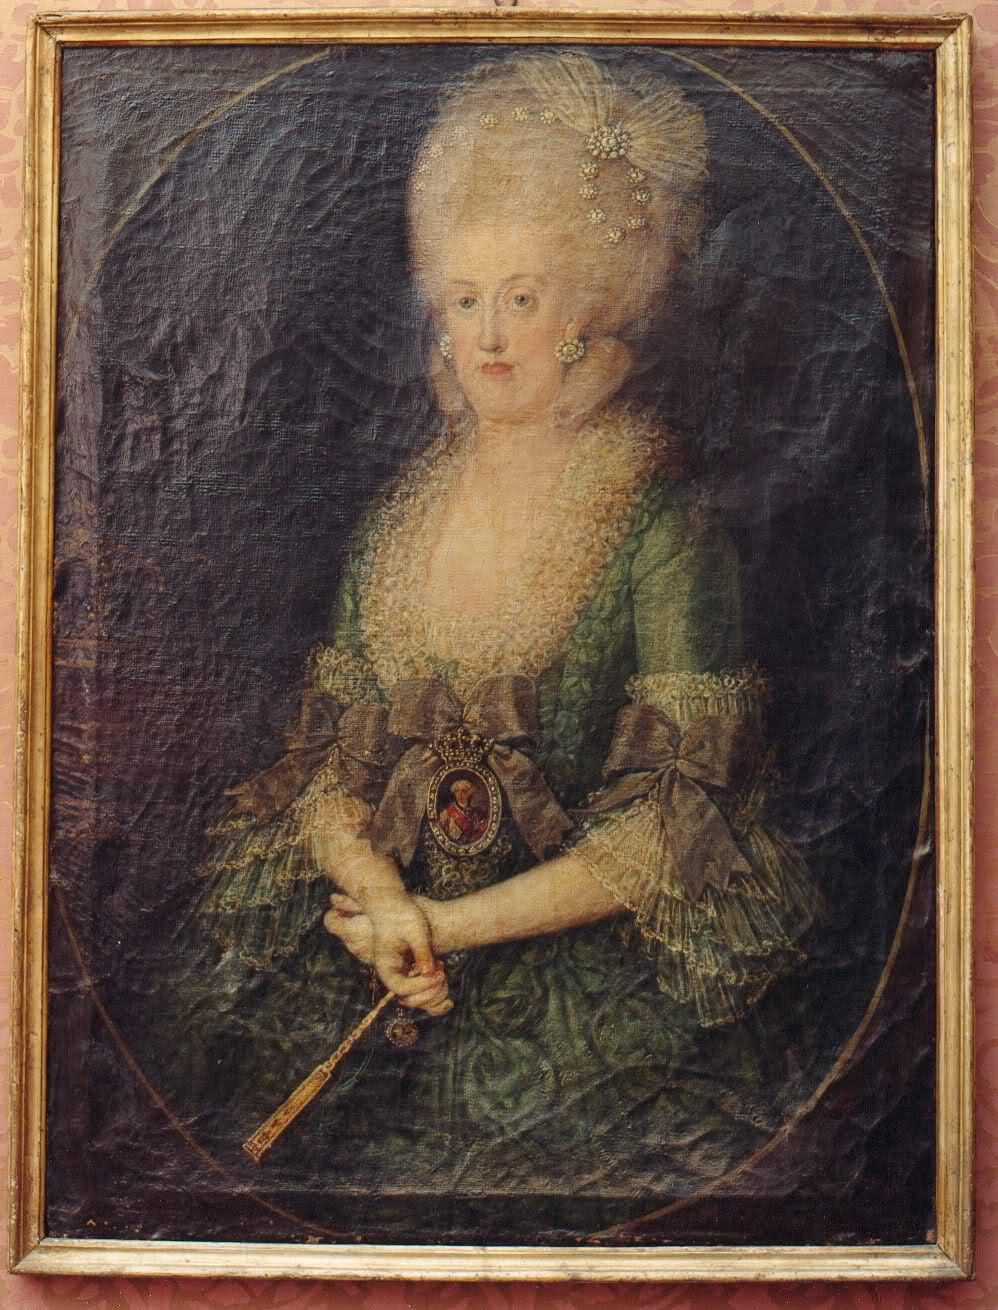 La reine Marie-Caroline de Naples 295y2cj